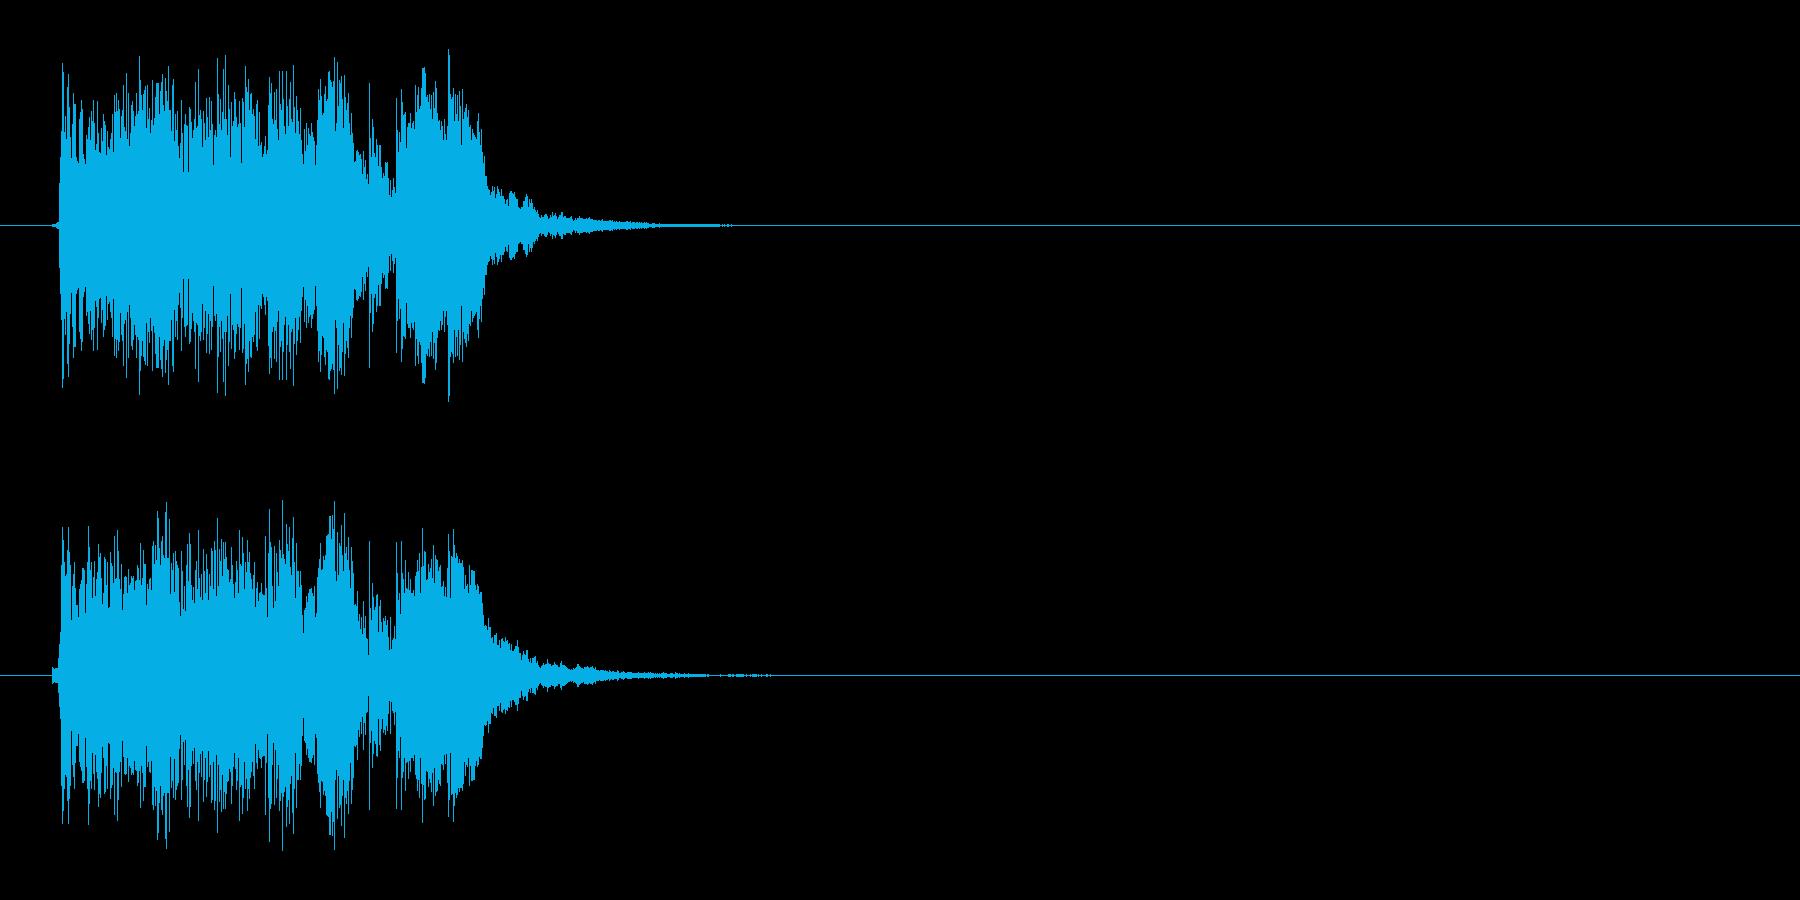 音が上がっていくようなシンセジングルの再生済みの波形